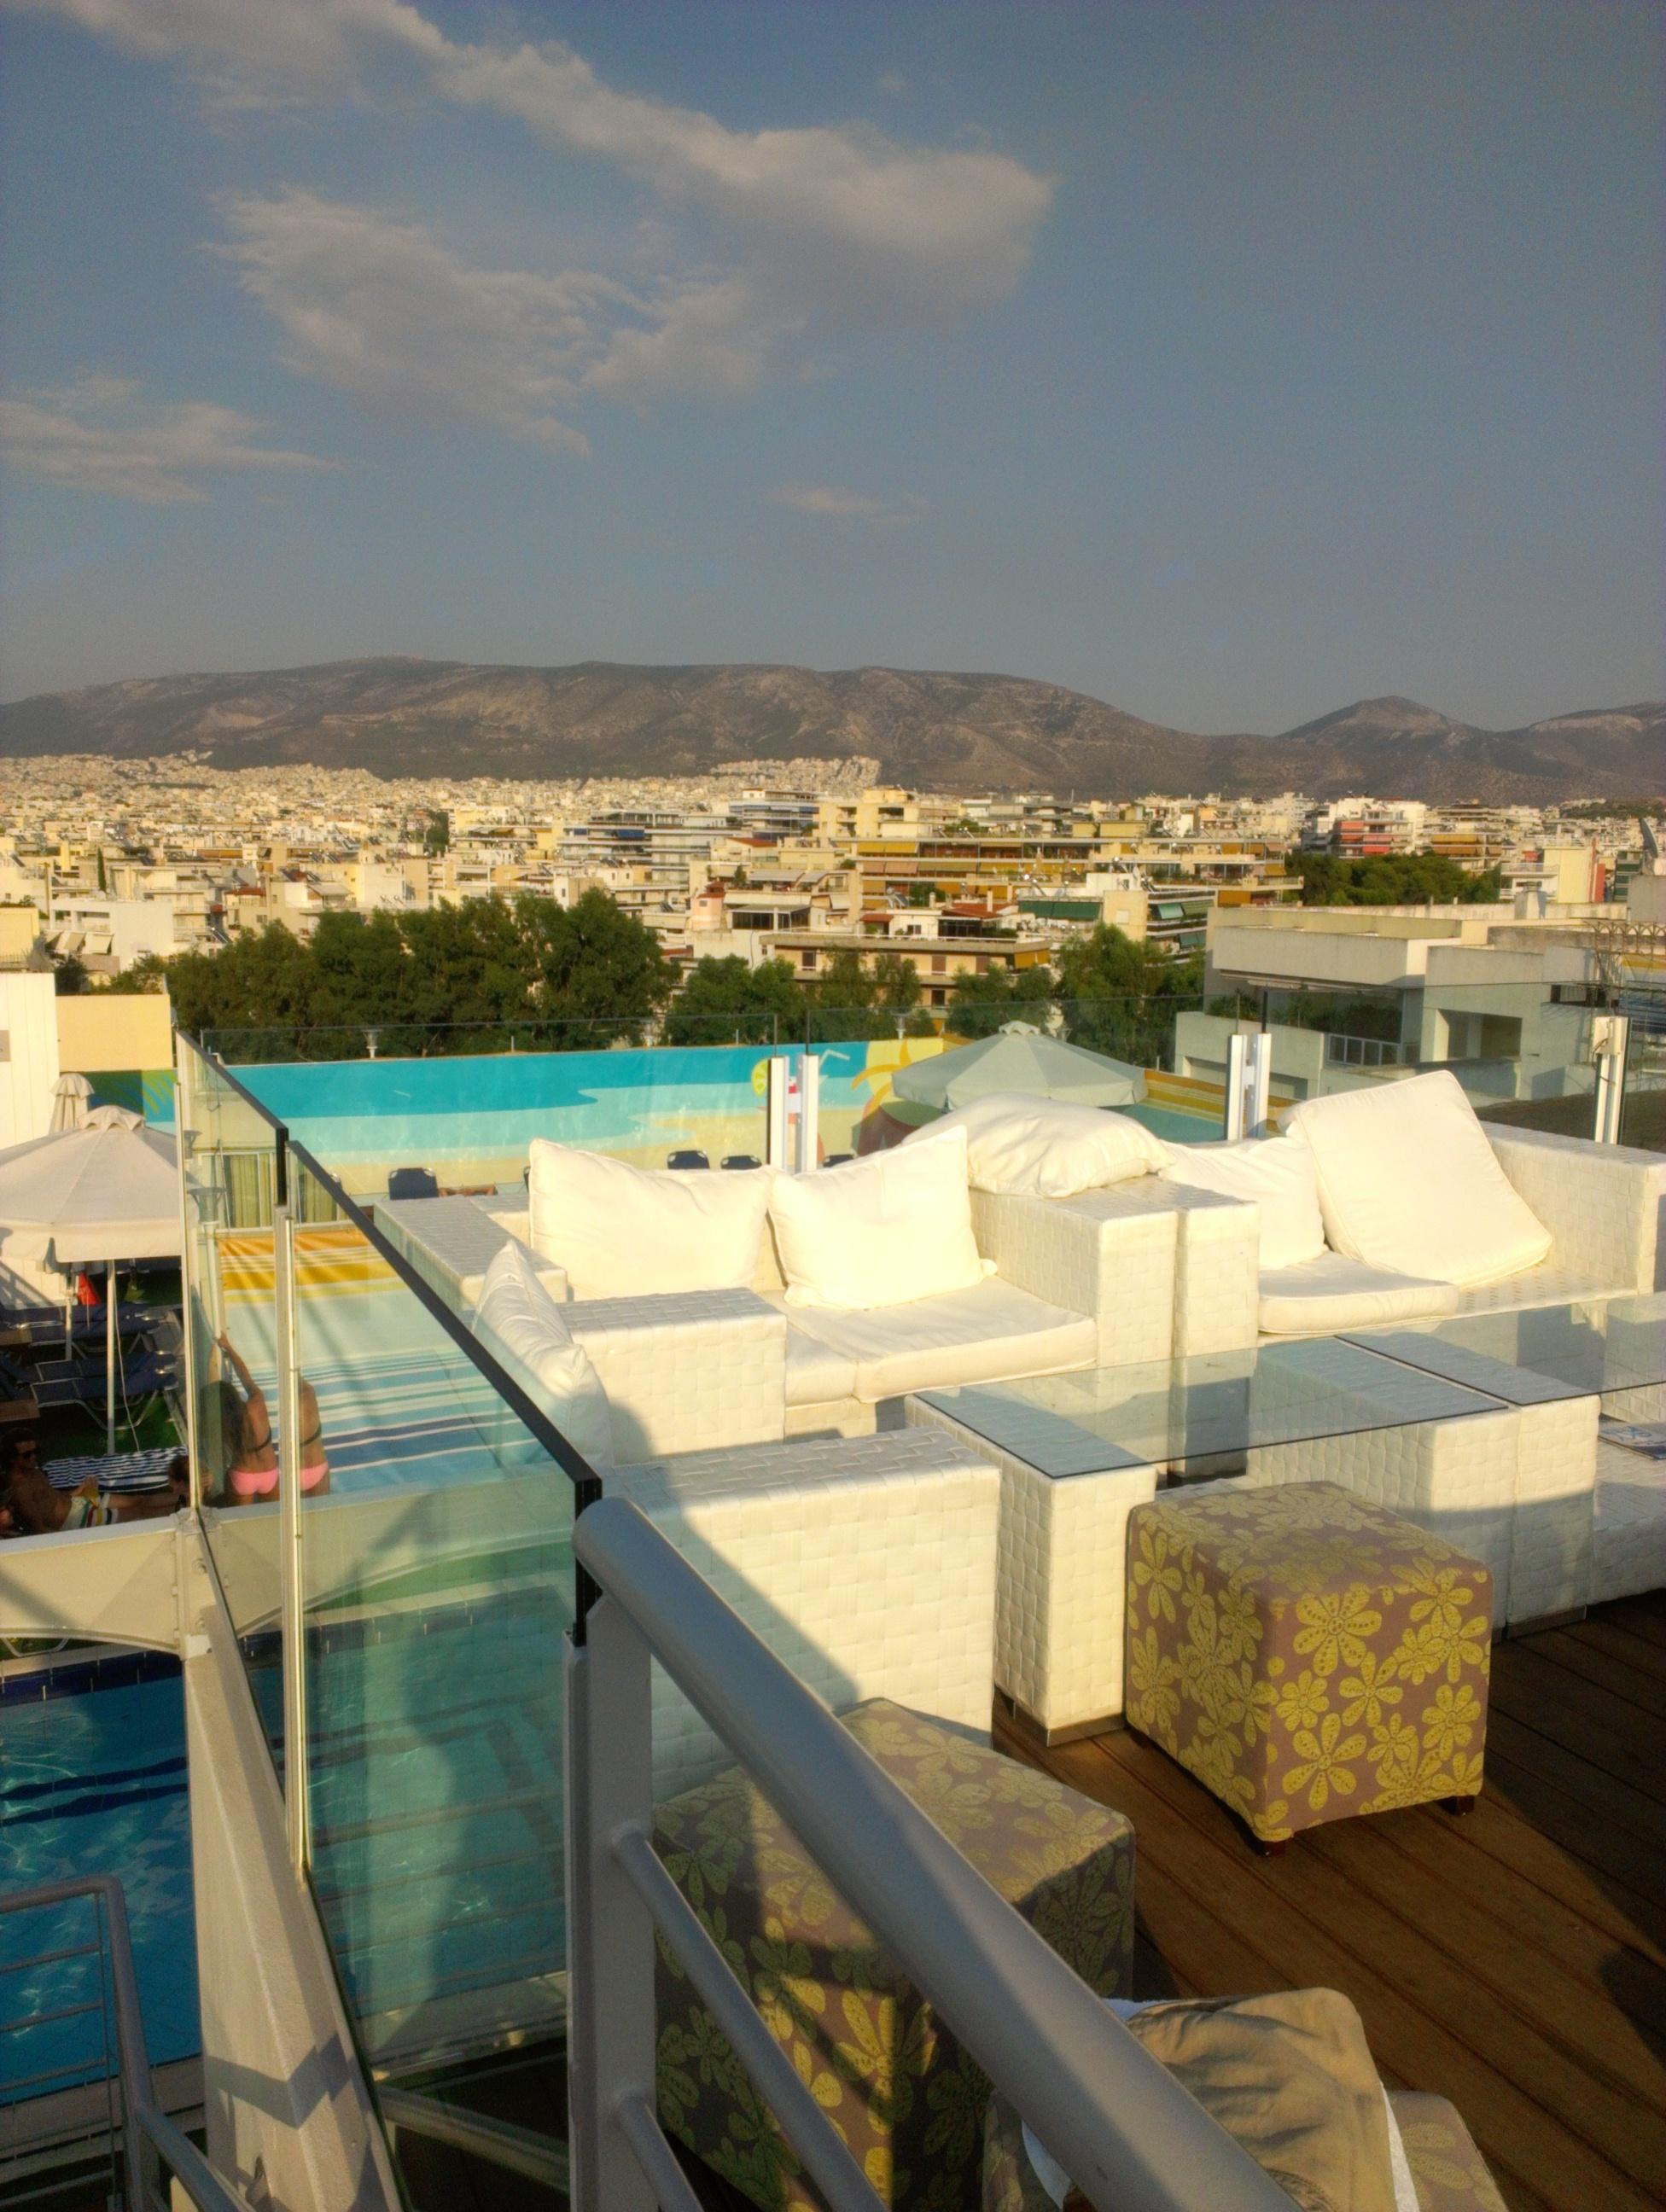 Poseidon Rooftop Pool